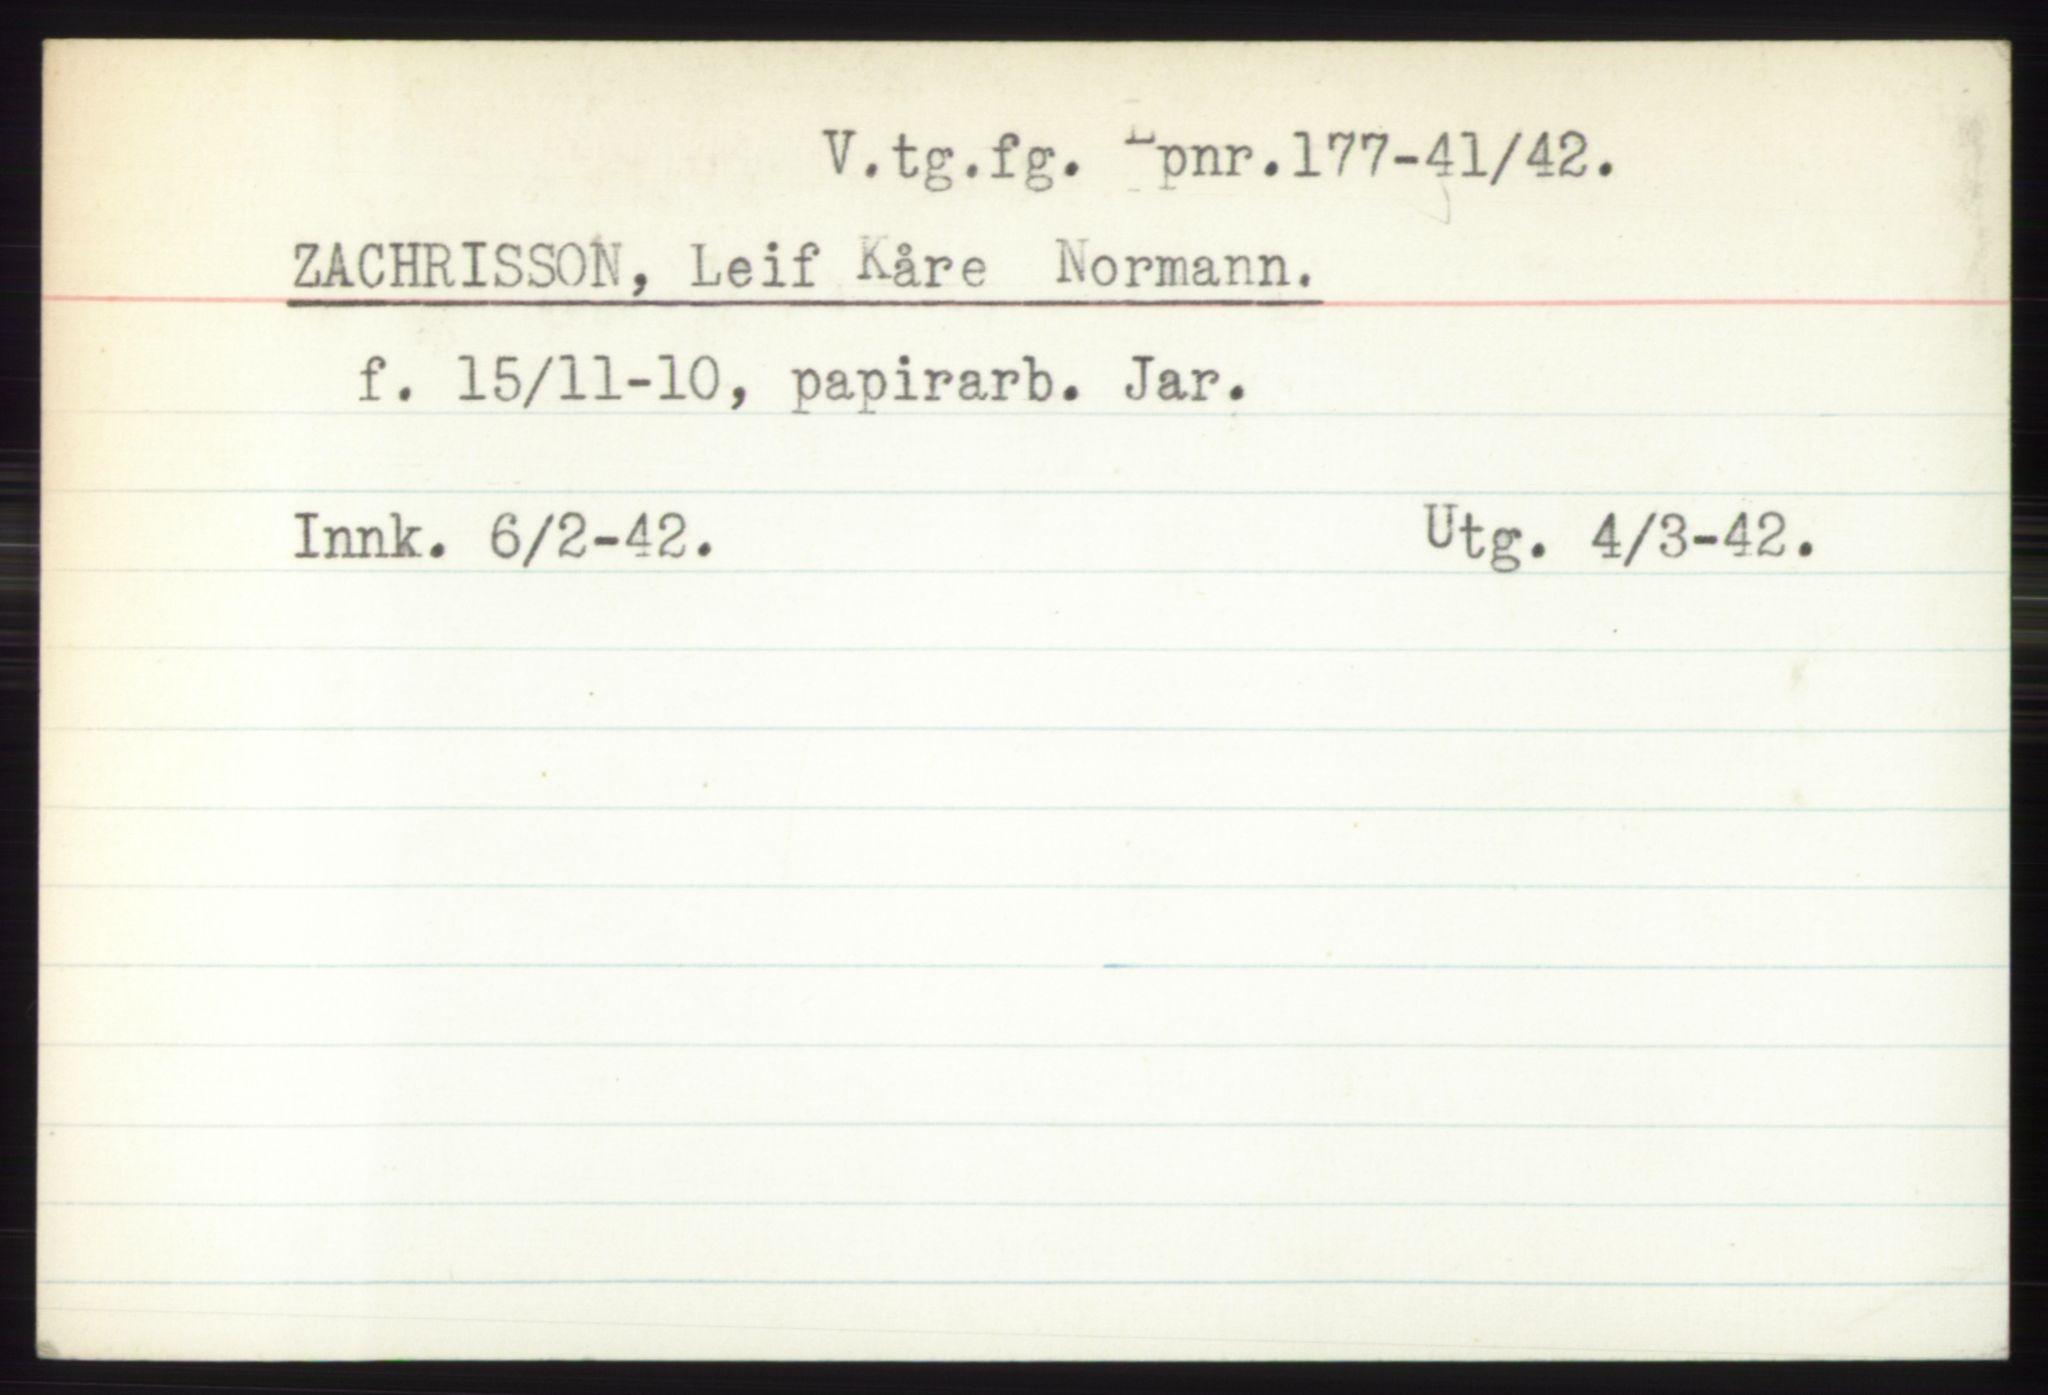 RA, Statspolitiet - Hovedkontoret / Osloavdelingen, C/Ck/Cke/L0005: Fangeregister S-Å, 1941-1945, s. 686